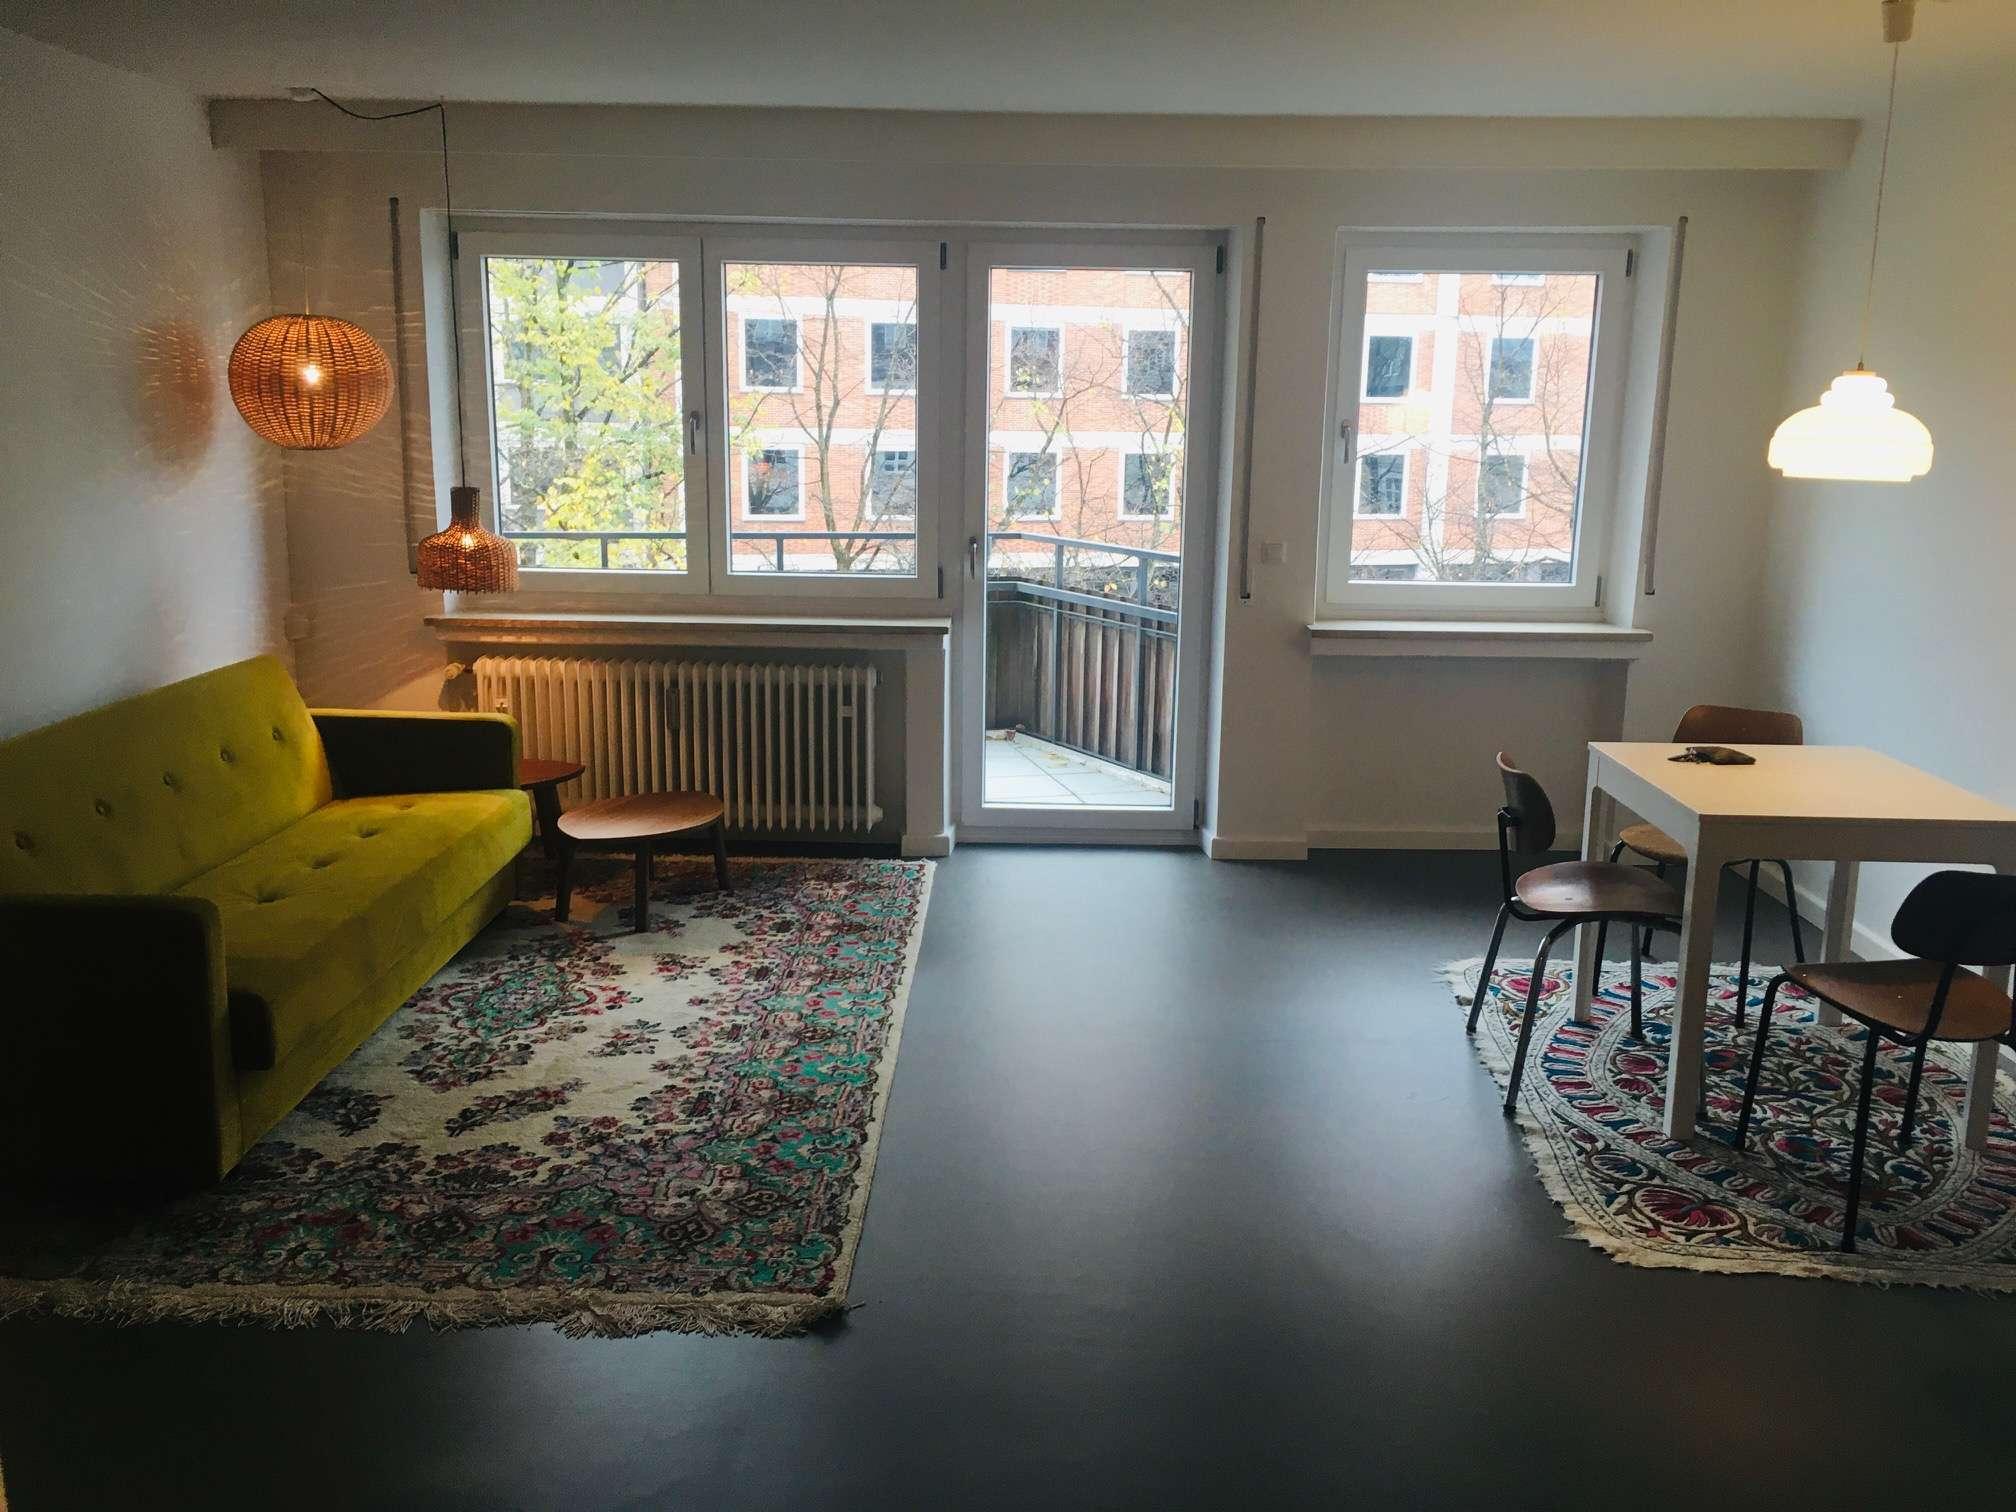 Charmante Wohnung in Bestlage von Privat in Ludwigsvorstadt-Isarvorstadt (München)